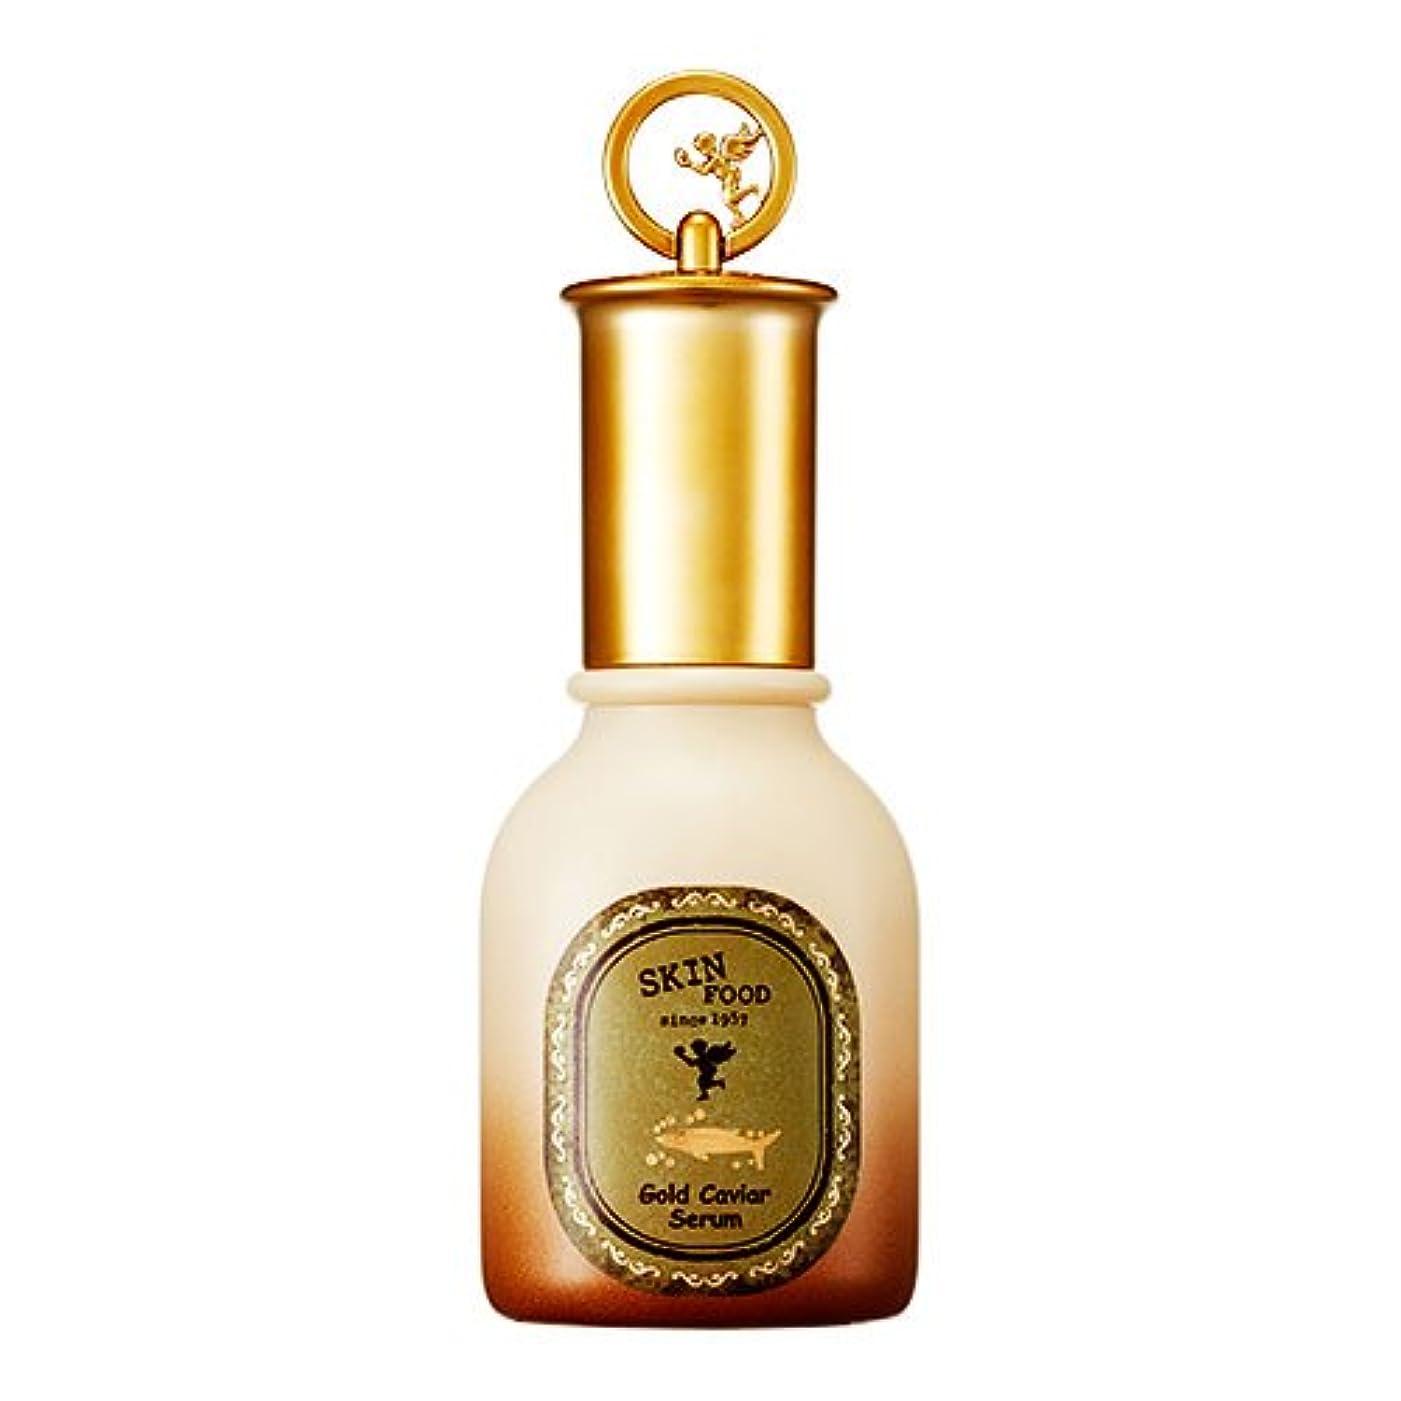 シャーク弁護人マークダウンSkinfood ゴールドキャビアセラム(しわケア) / Gold Caviar Serum (wrinkle care) 45ml [並行輸入品]